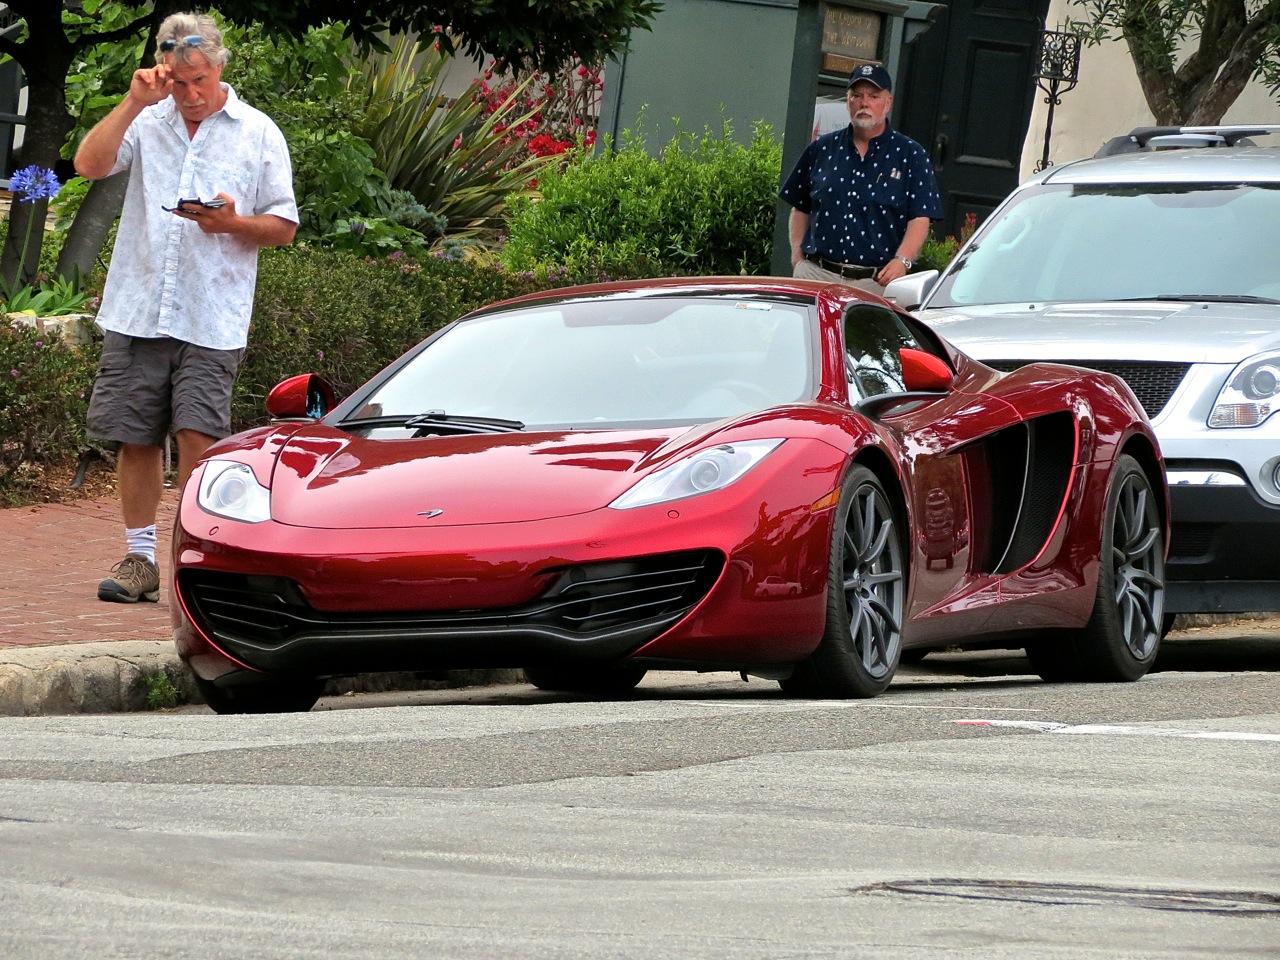 McLaren 12C Carmel 1